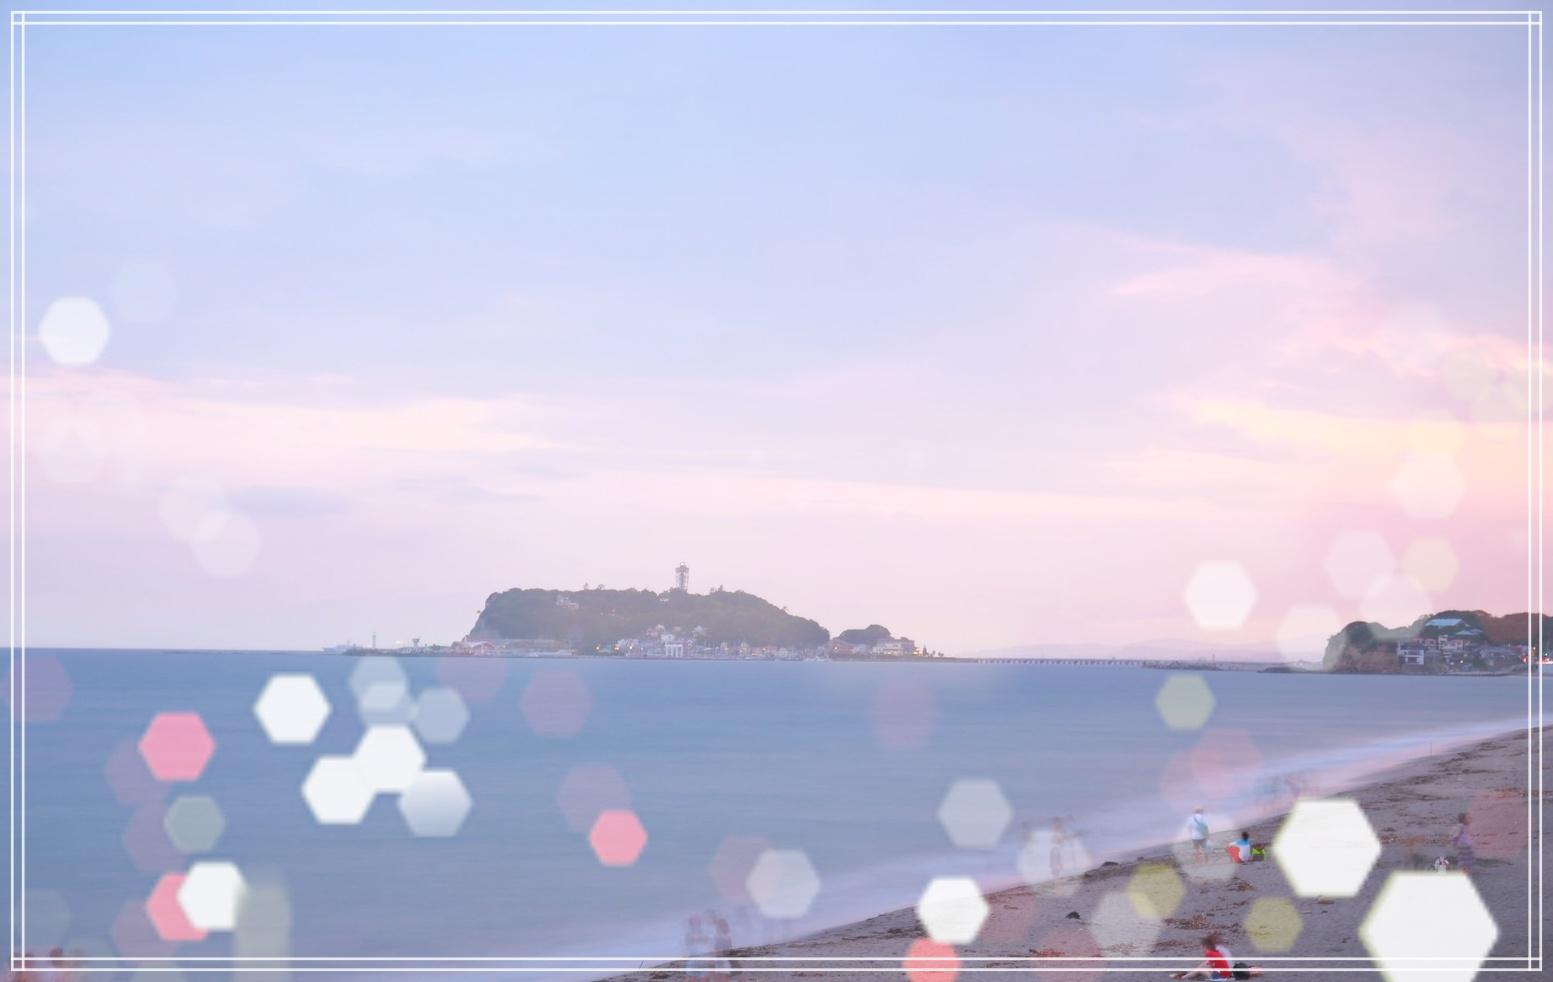 彼氏なし、神話好きの私も楽しめる江ノ島!グルメ、展望台、岩屋など1